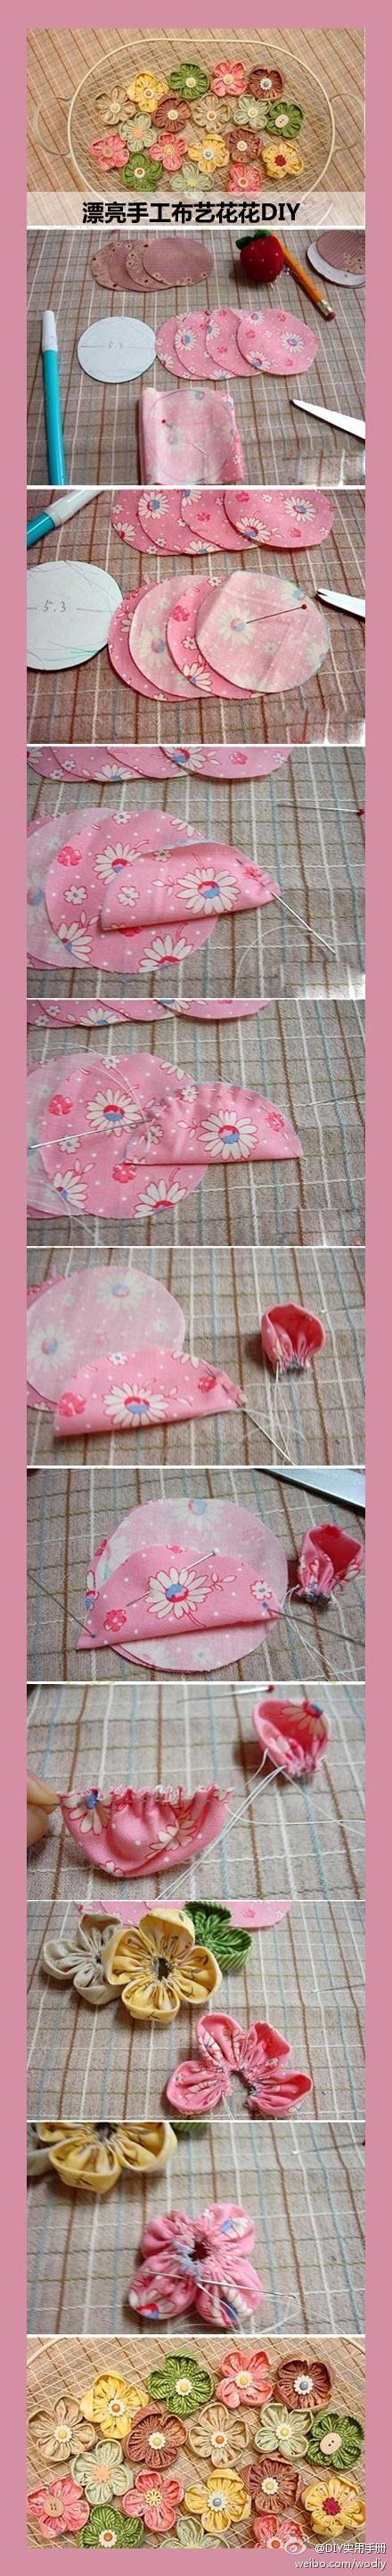 DIY Fabric Flowers: DIY Kanzashi Flower